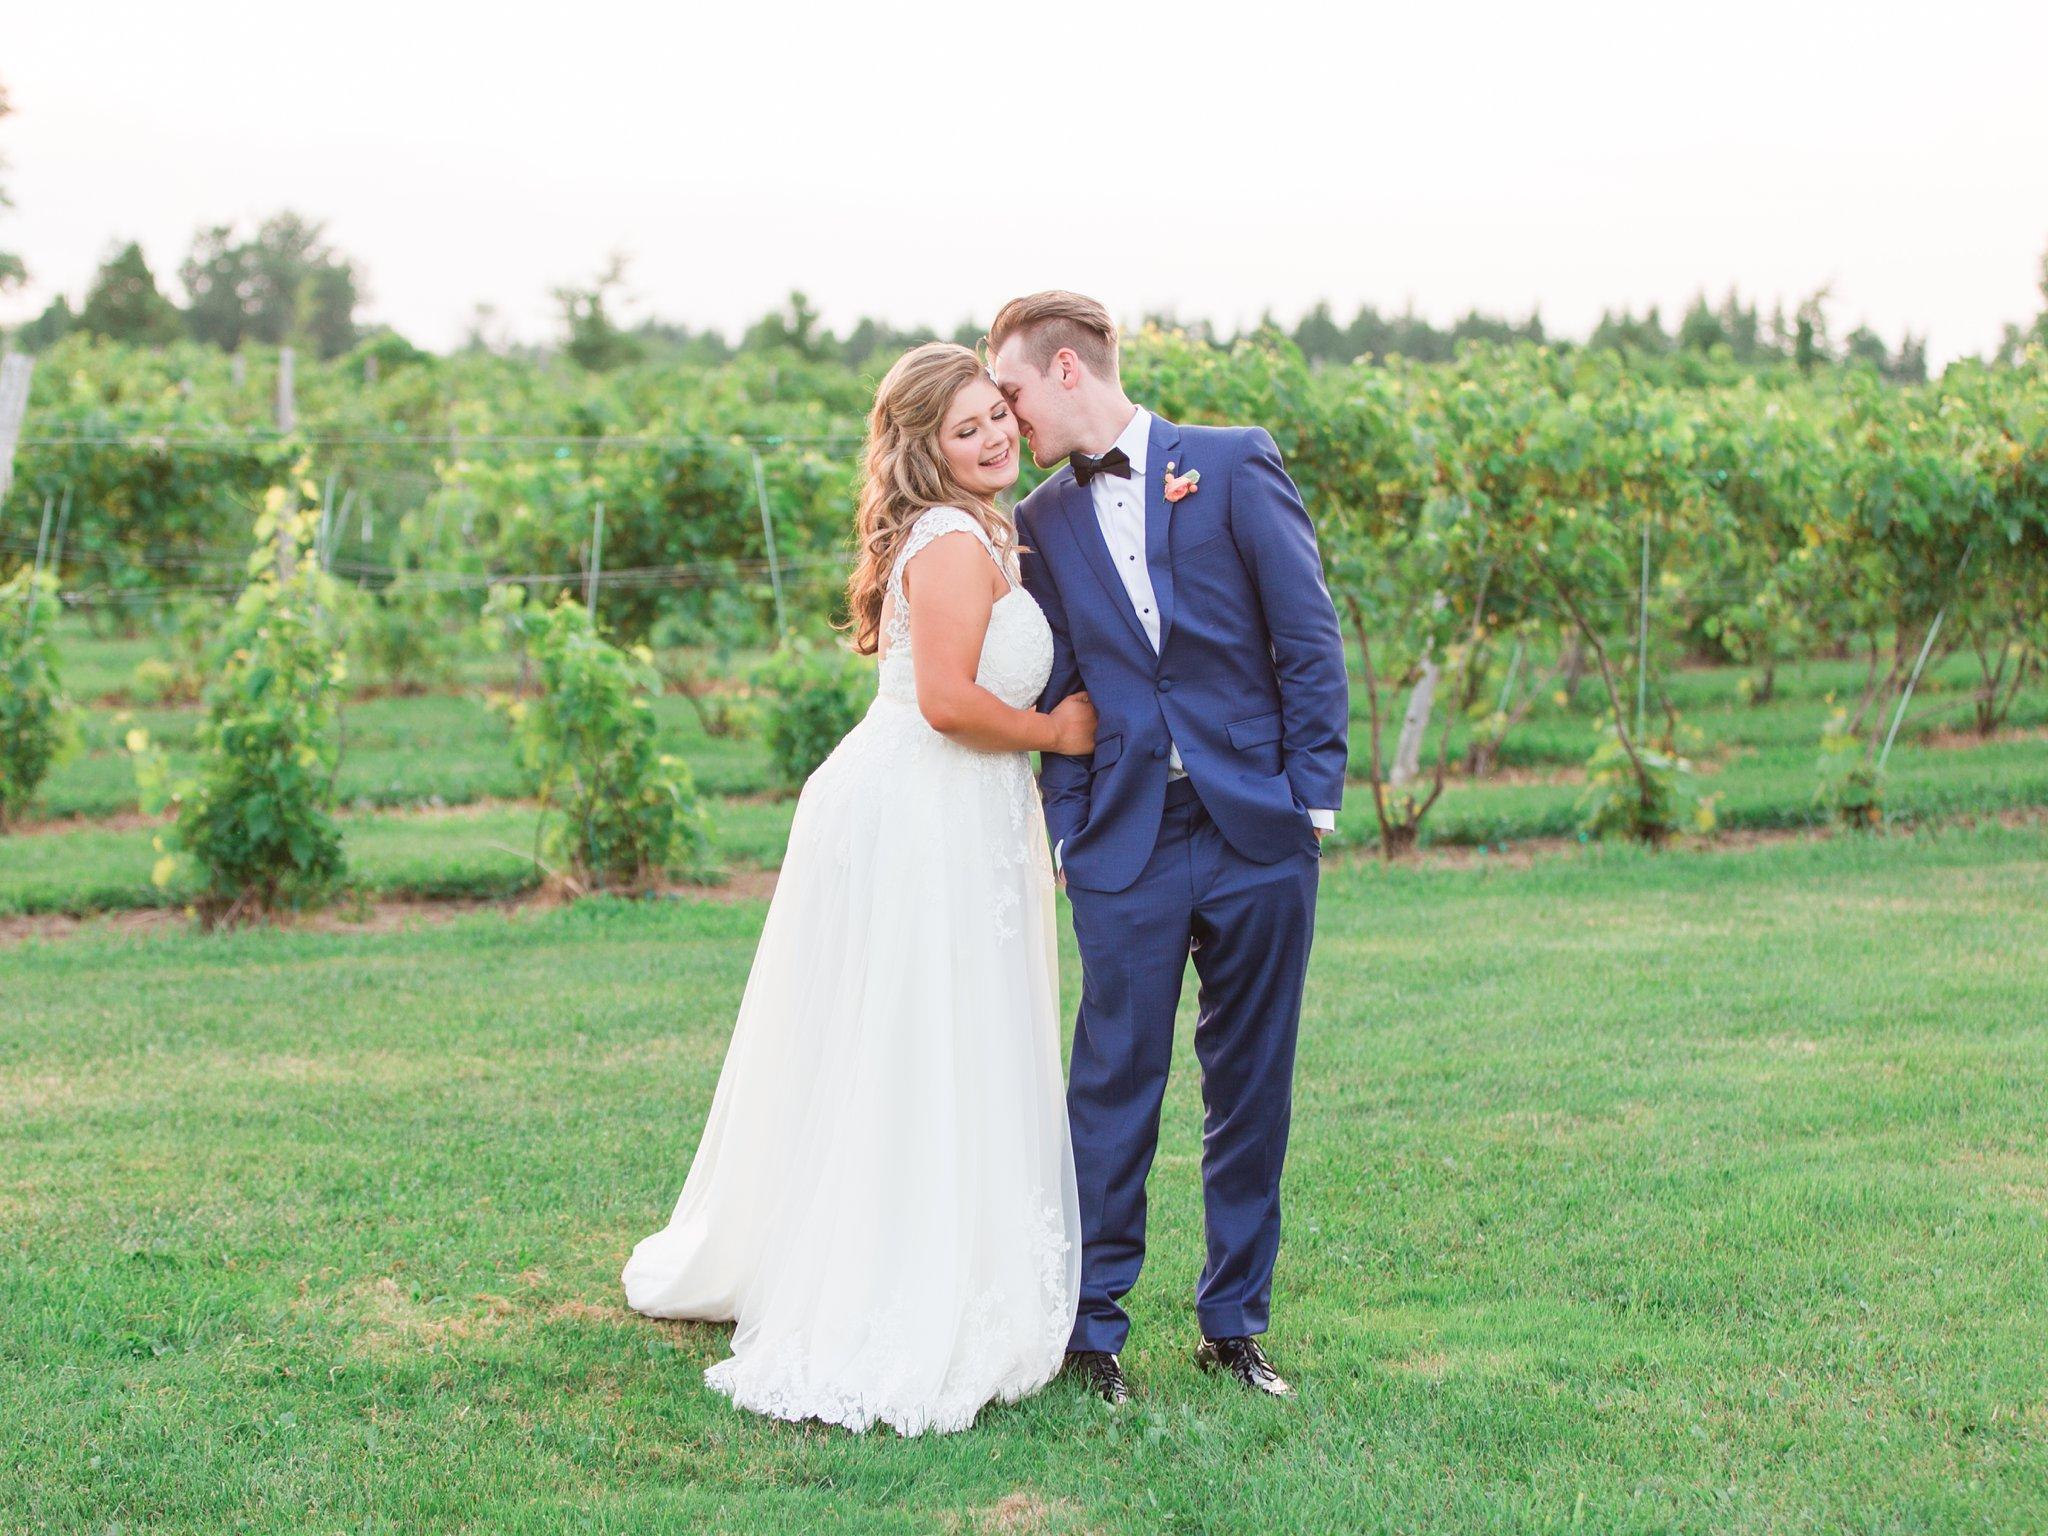 Sunset photos Vineyard wedding at Jabulani Amy Pinder Photography